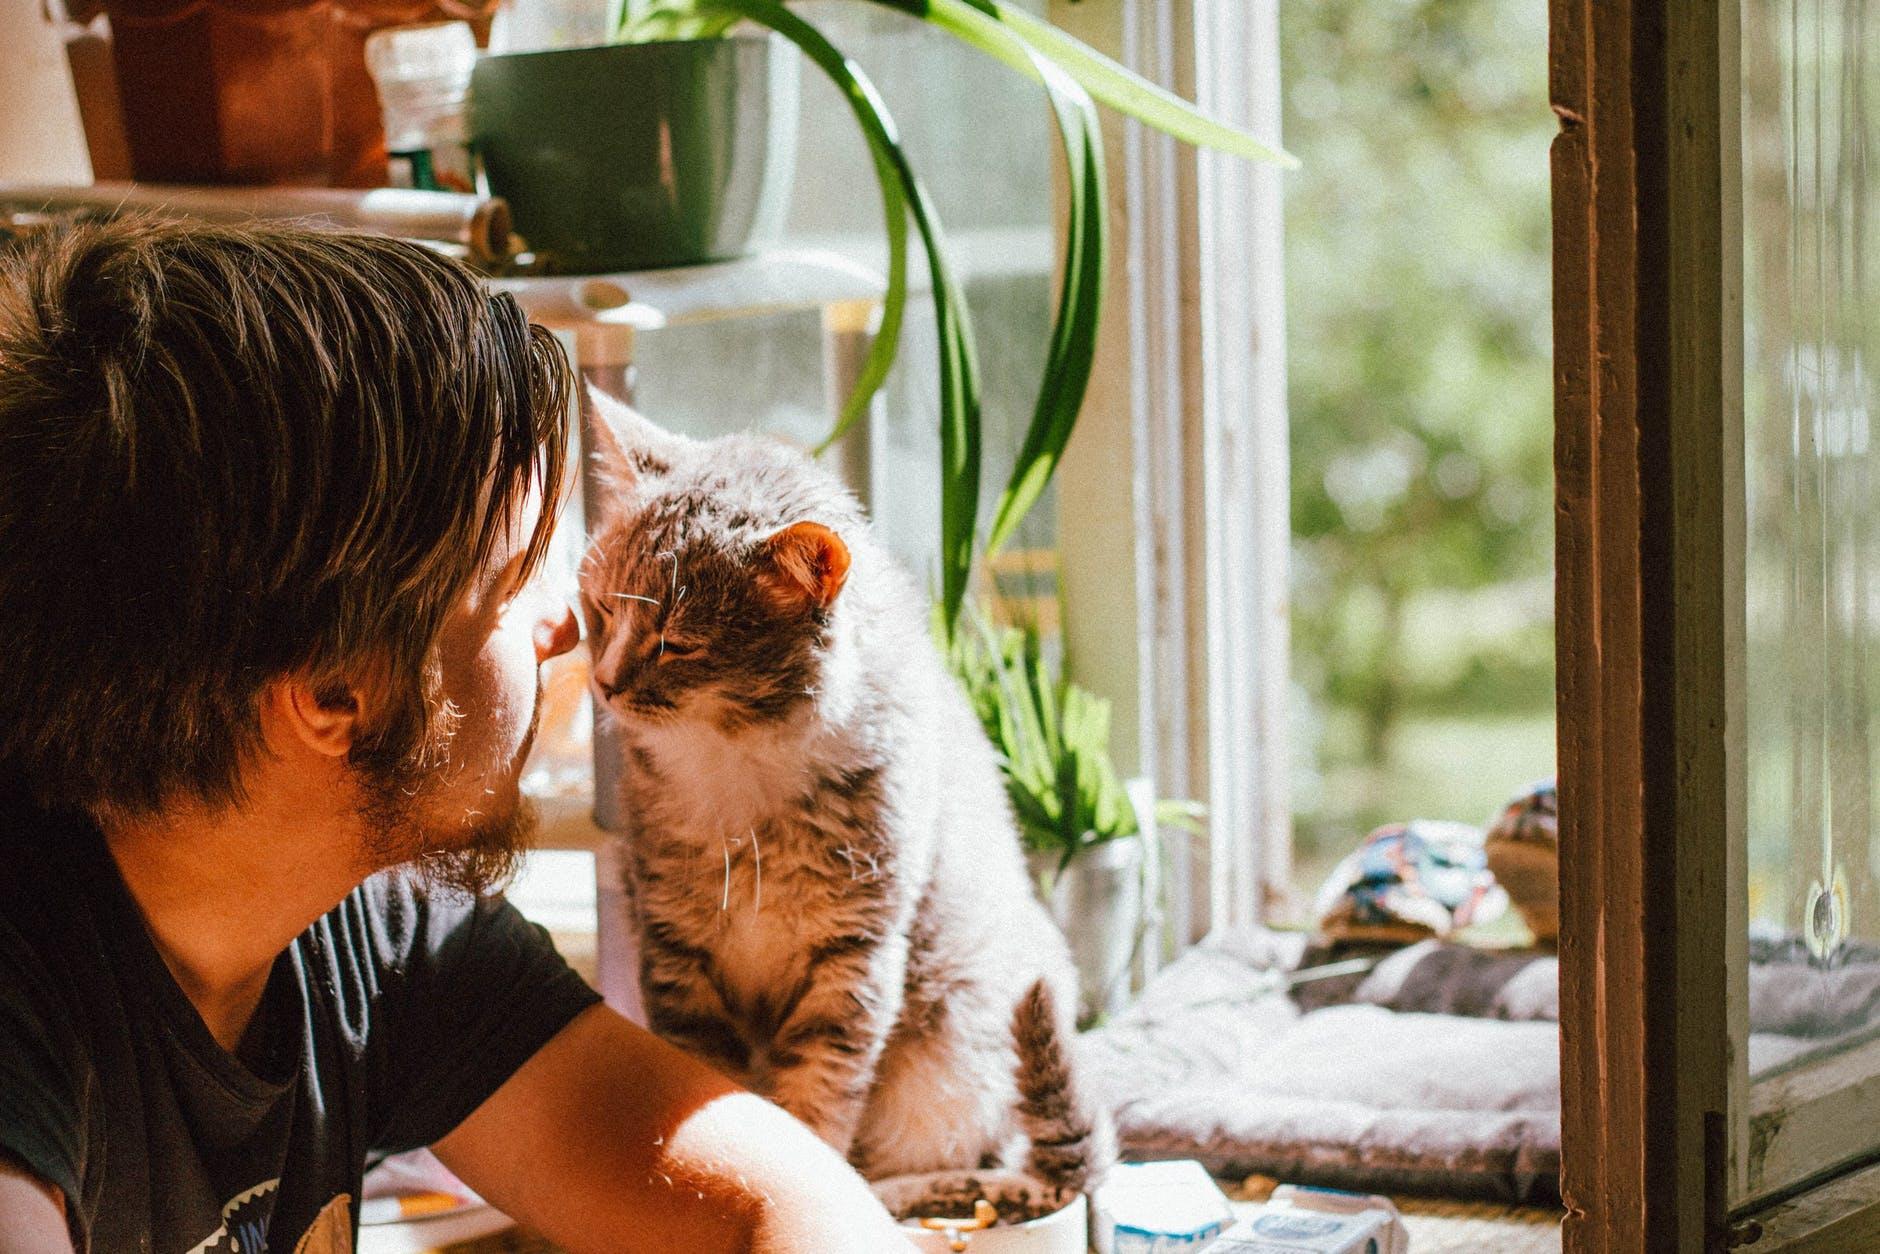 Ragazzo insieme ad un gatto vicino alla finestra